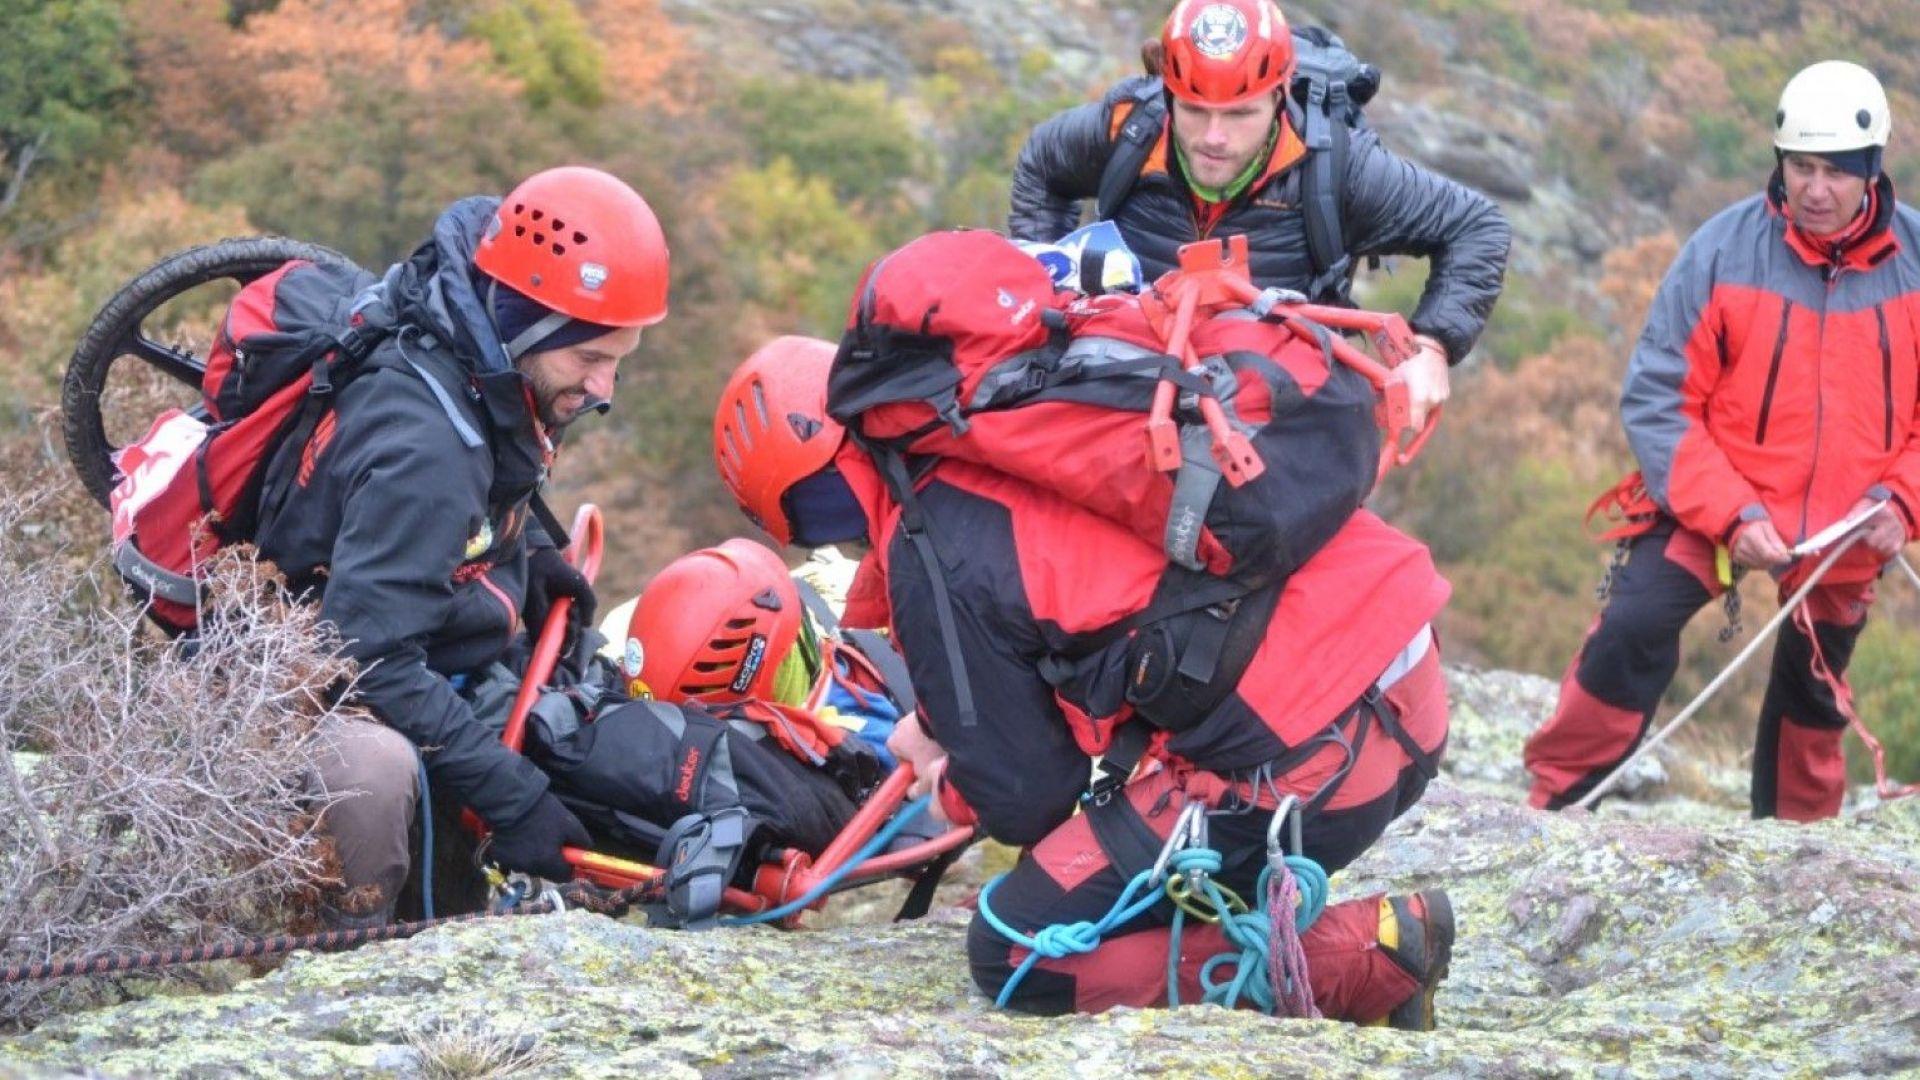 Тежка спасителна акция се е провела на връх Джангал в